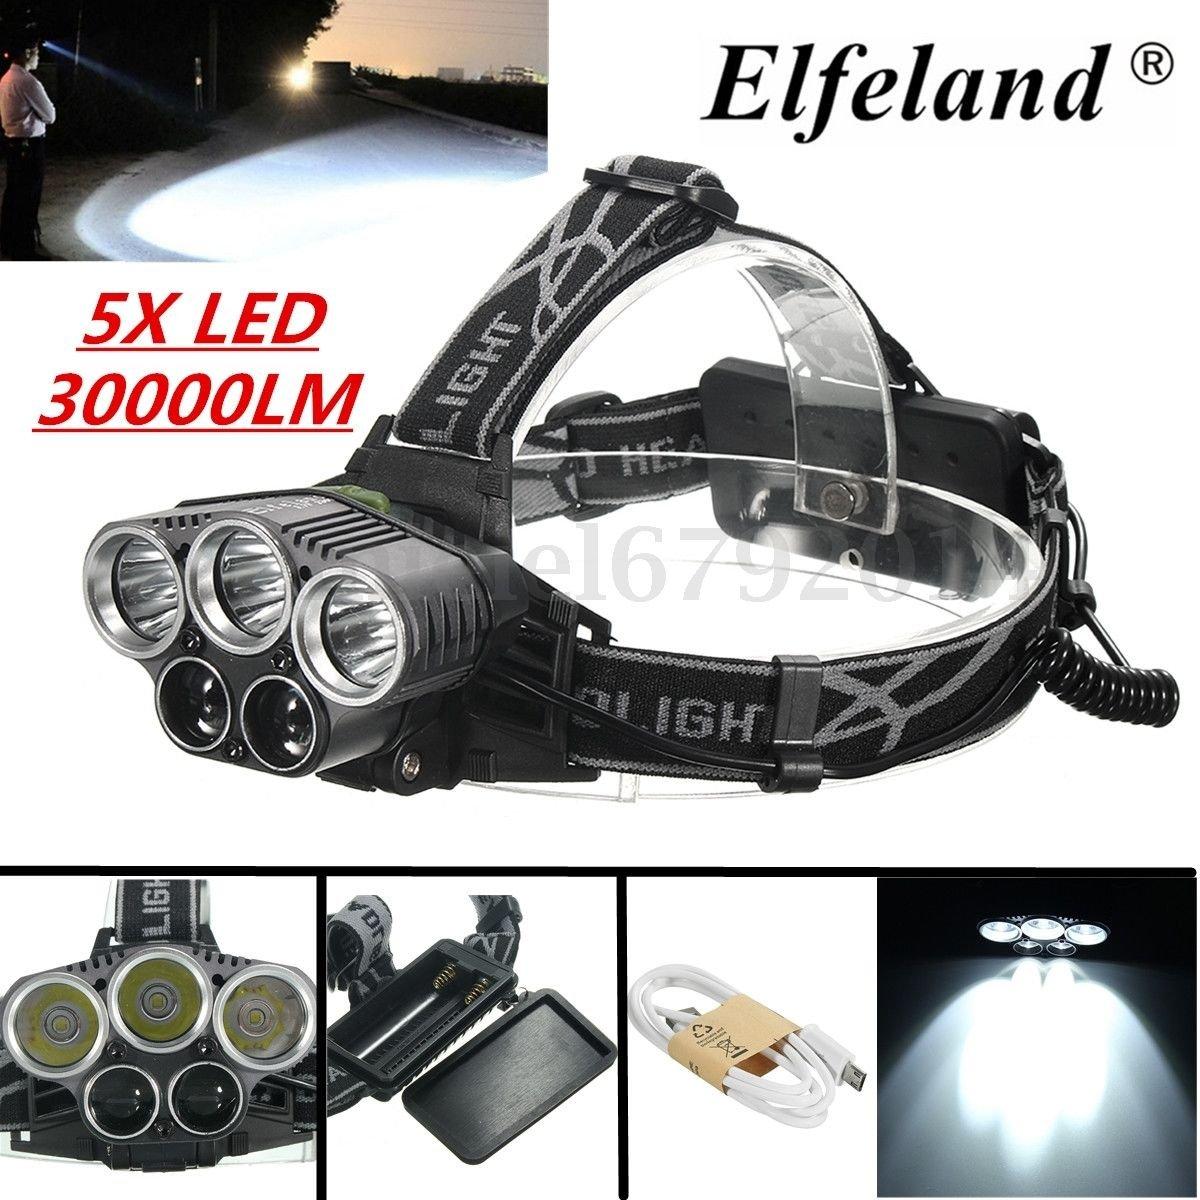 Vibrant Globe Bunte, Elfeland 30000lm 5 x T6 18650 LED-Scheinwerfer, wiederaufladbar über USB, Stirnlampe